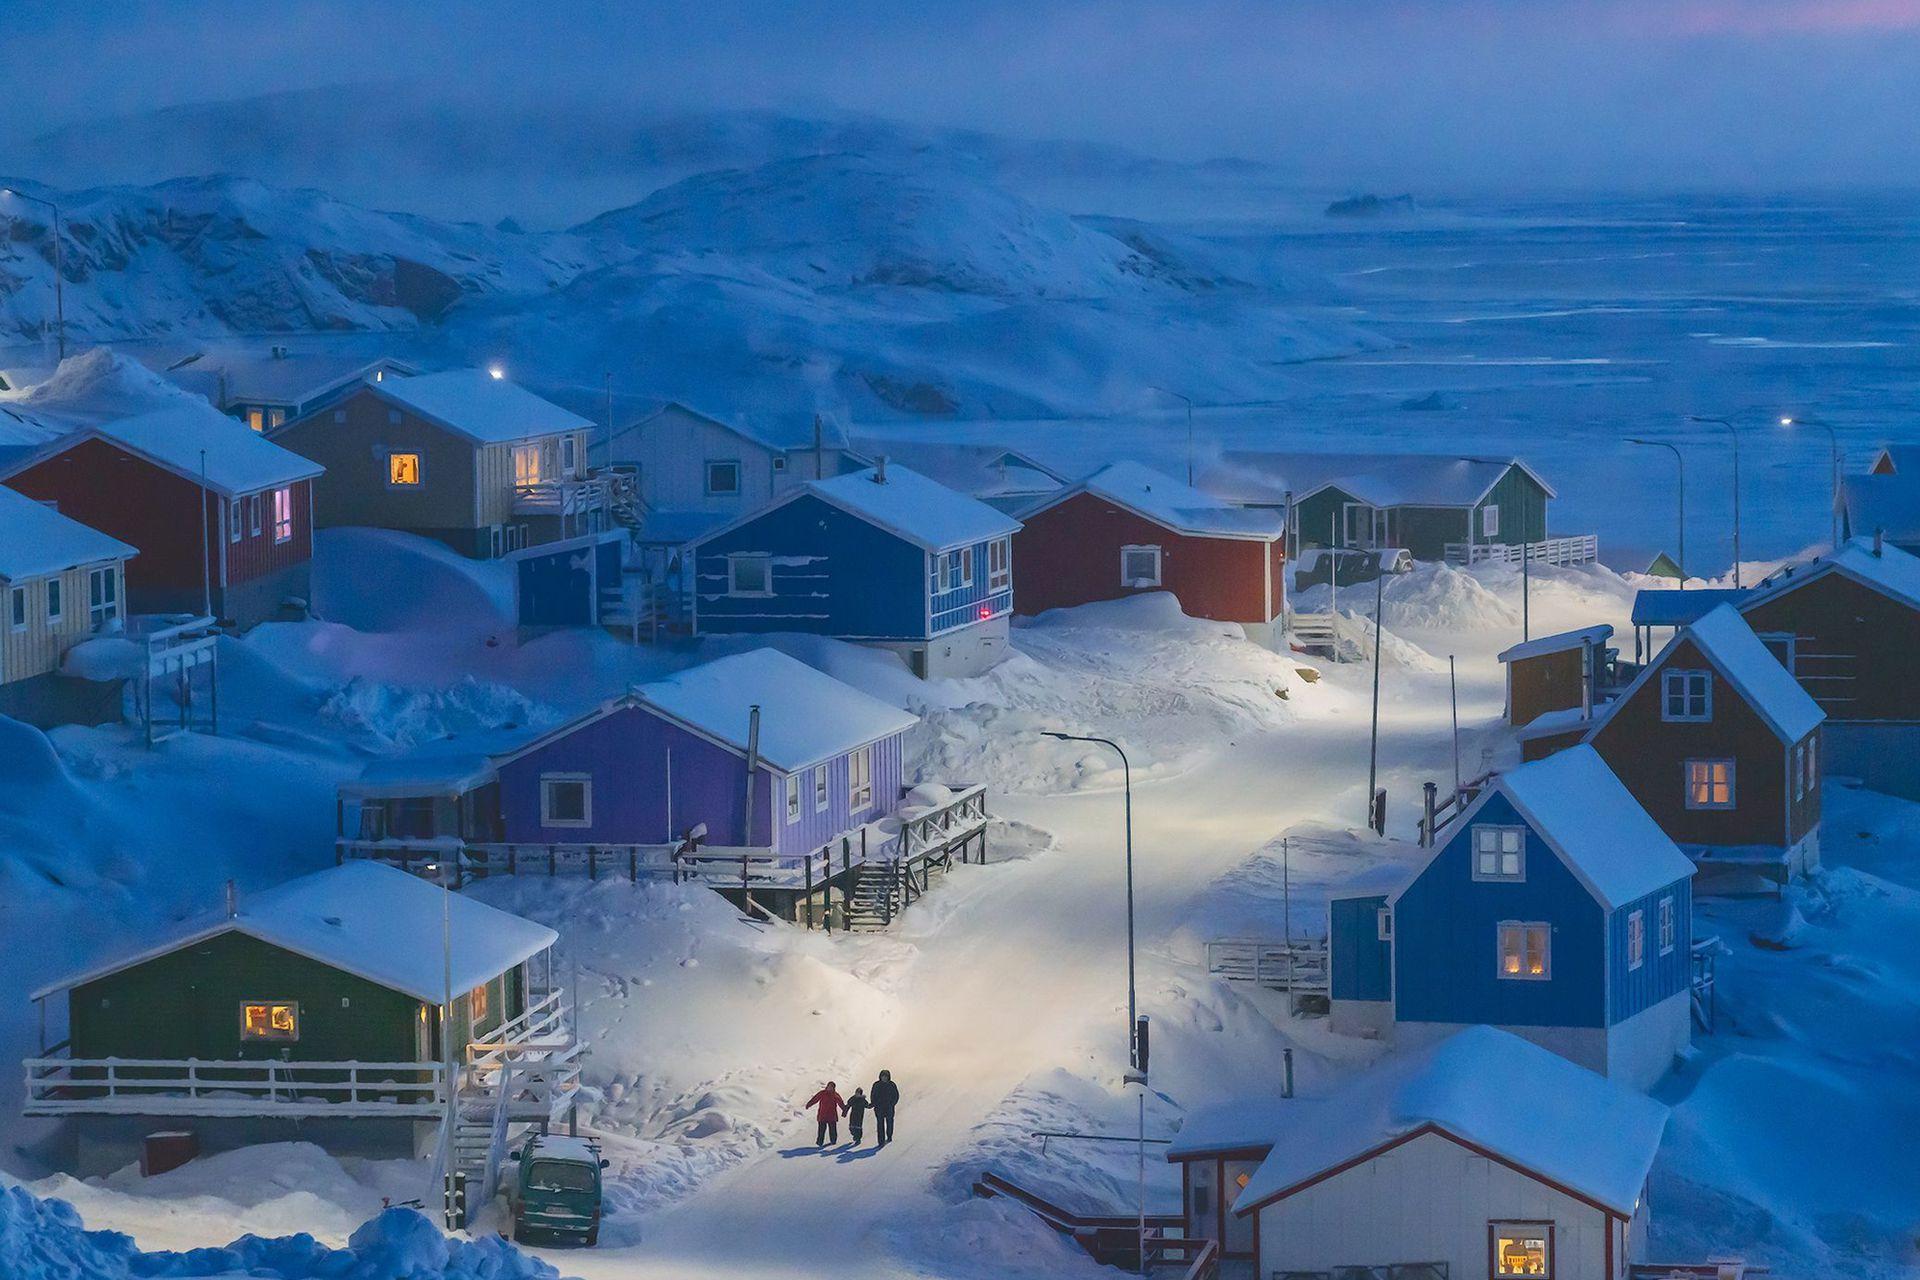 Ganadora absoluta, categoría Ciudades, fue la imagen tomada por Weimin Chu, en Upernavik, un pueblo de pescadores en una pequeña isla en el oeste de Groenlandia, en donde las casas se pintan de diferentes colores para indicar si son tiendas (rojo) o casas de pescadores (azules)